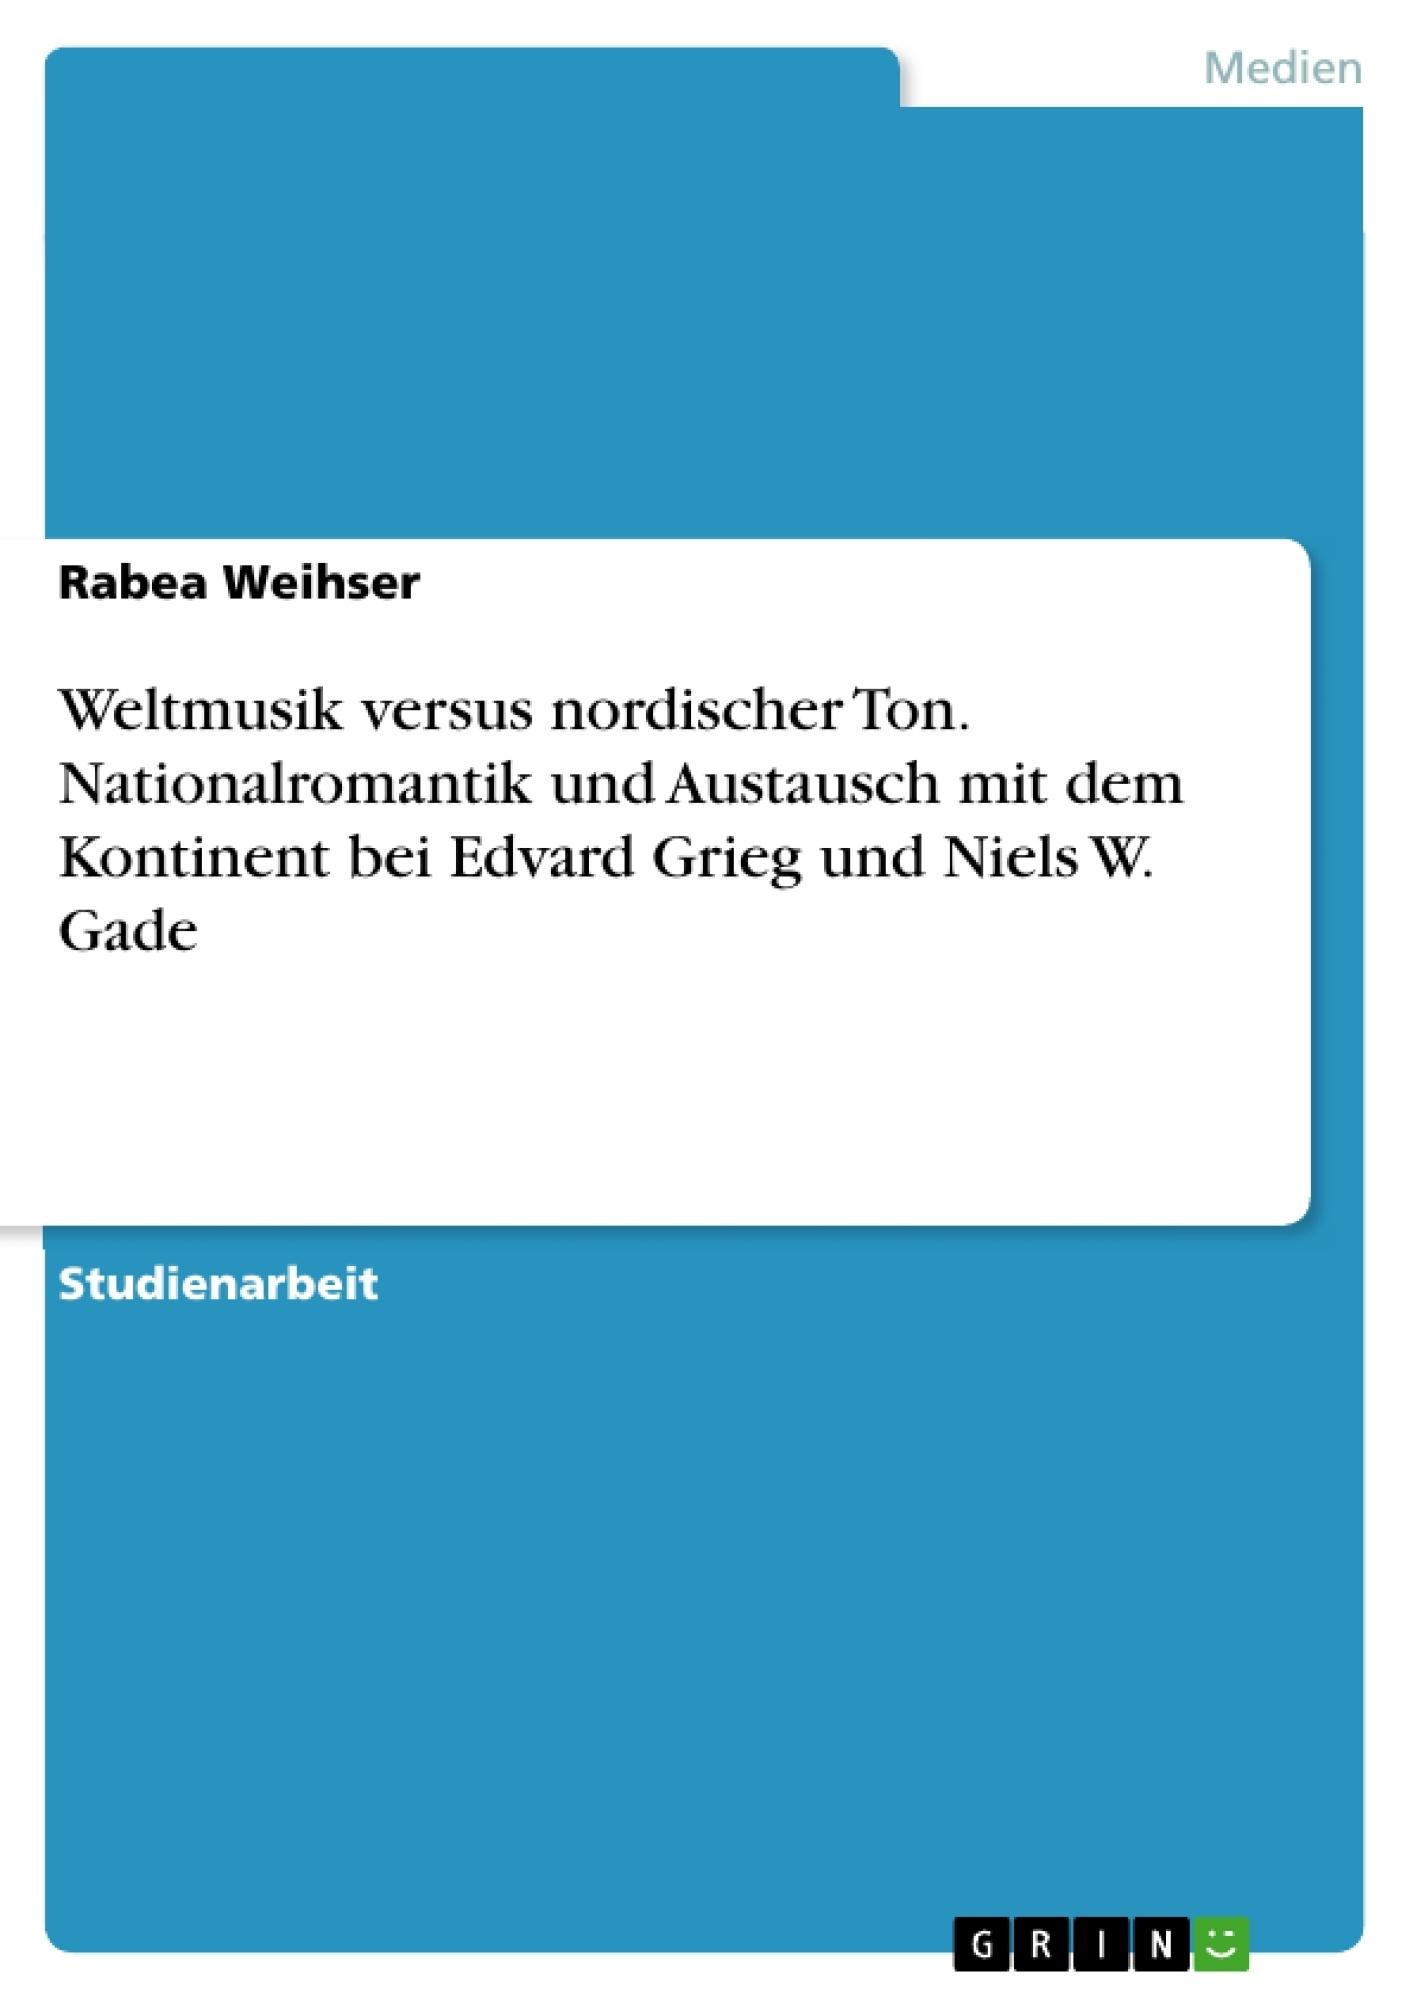 Titel: Weltmusik versus nordischer Ton. Nationalromantik und Austausch mit dem Kontinent bei Edvard Grieg und Niels W. Gade